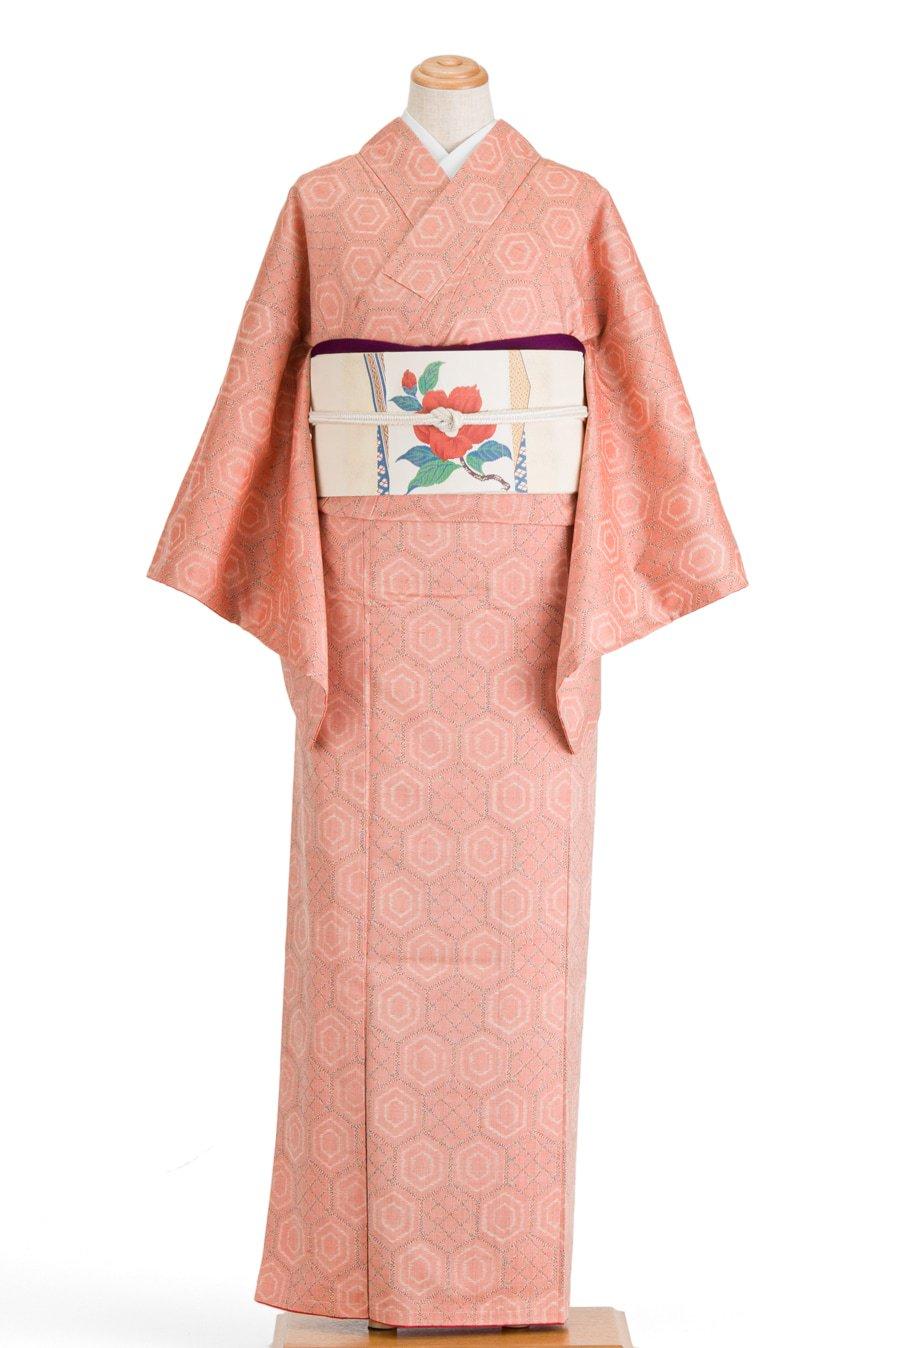 「紬 レトロタイル風 亀甲」の商品画像